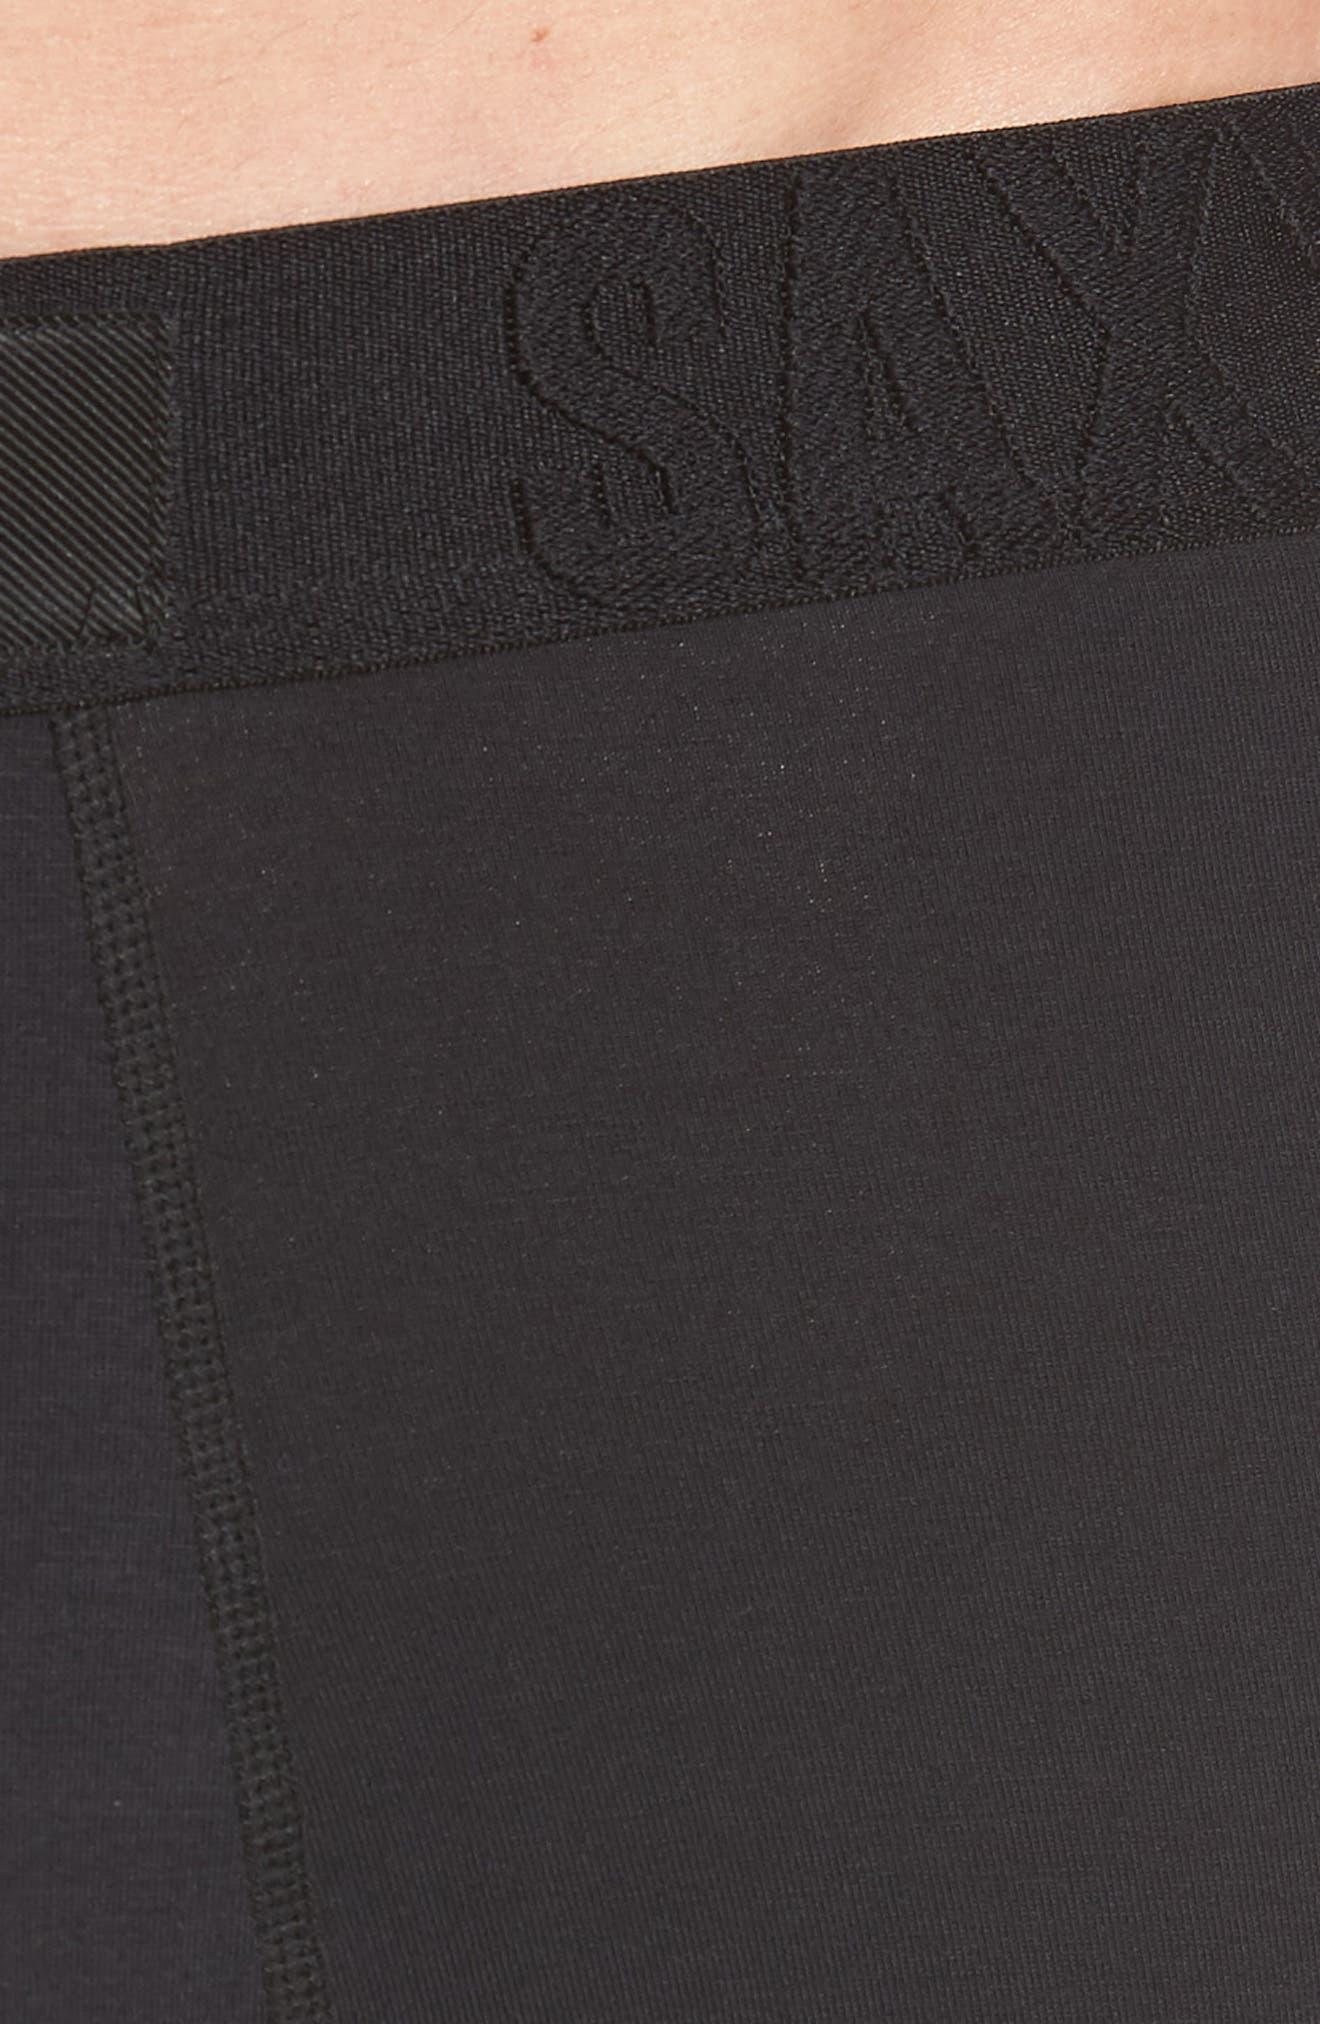 Undercover Boxer Briefs,                             Alternate thumbnail 4, color,                             BLACK